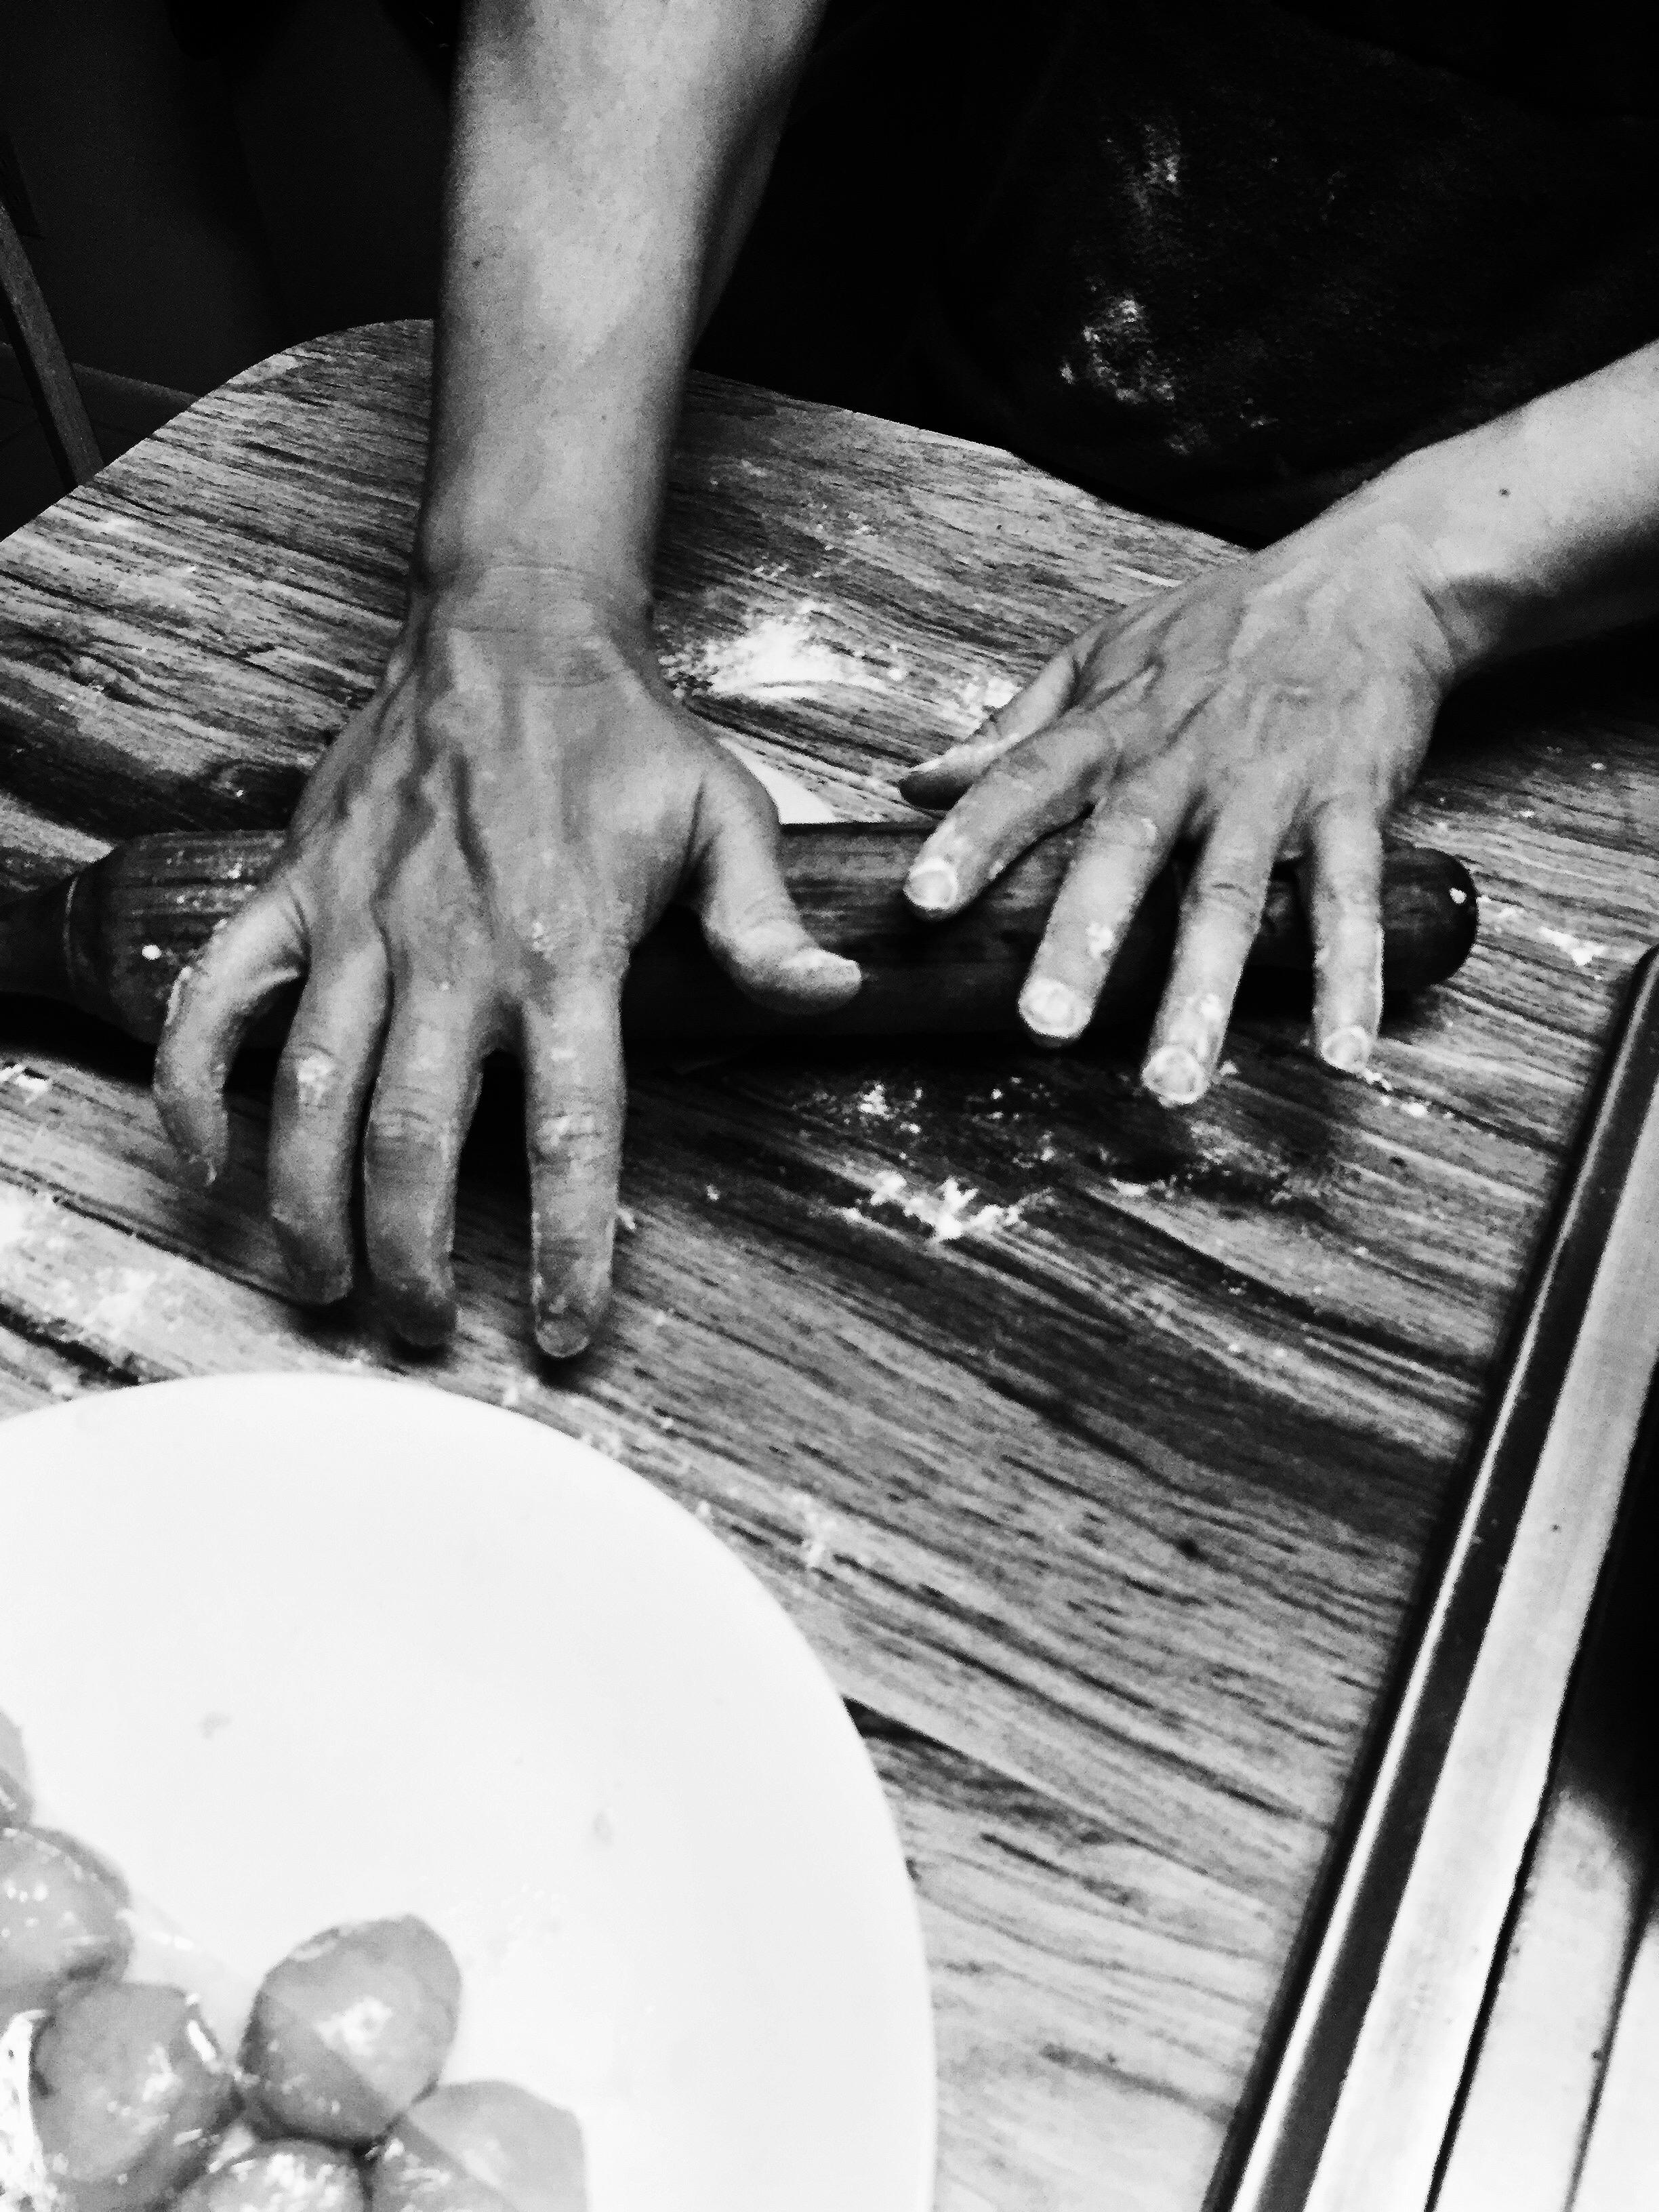 Rolling handmade tortilla dough 9.jpg